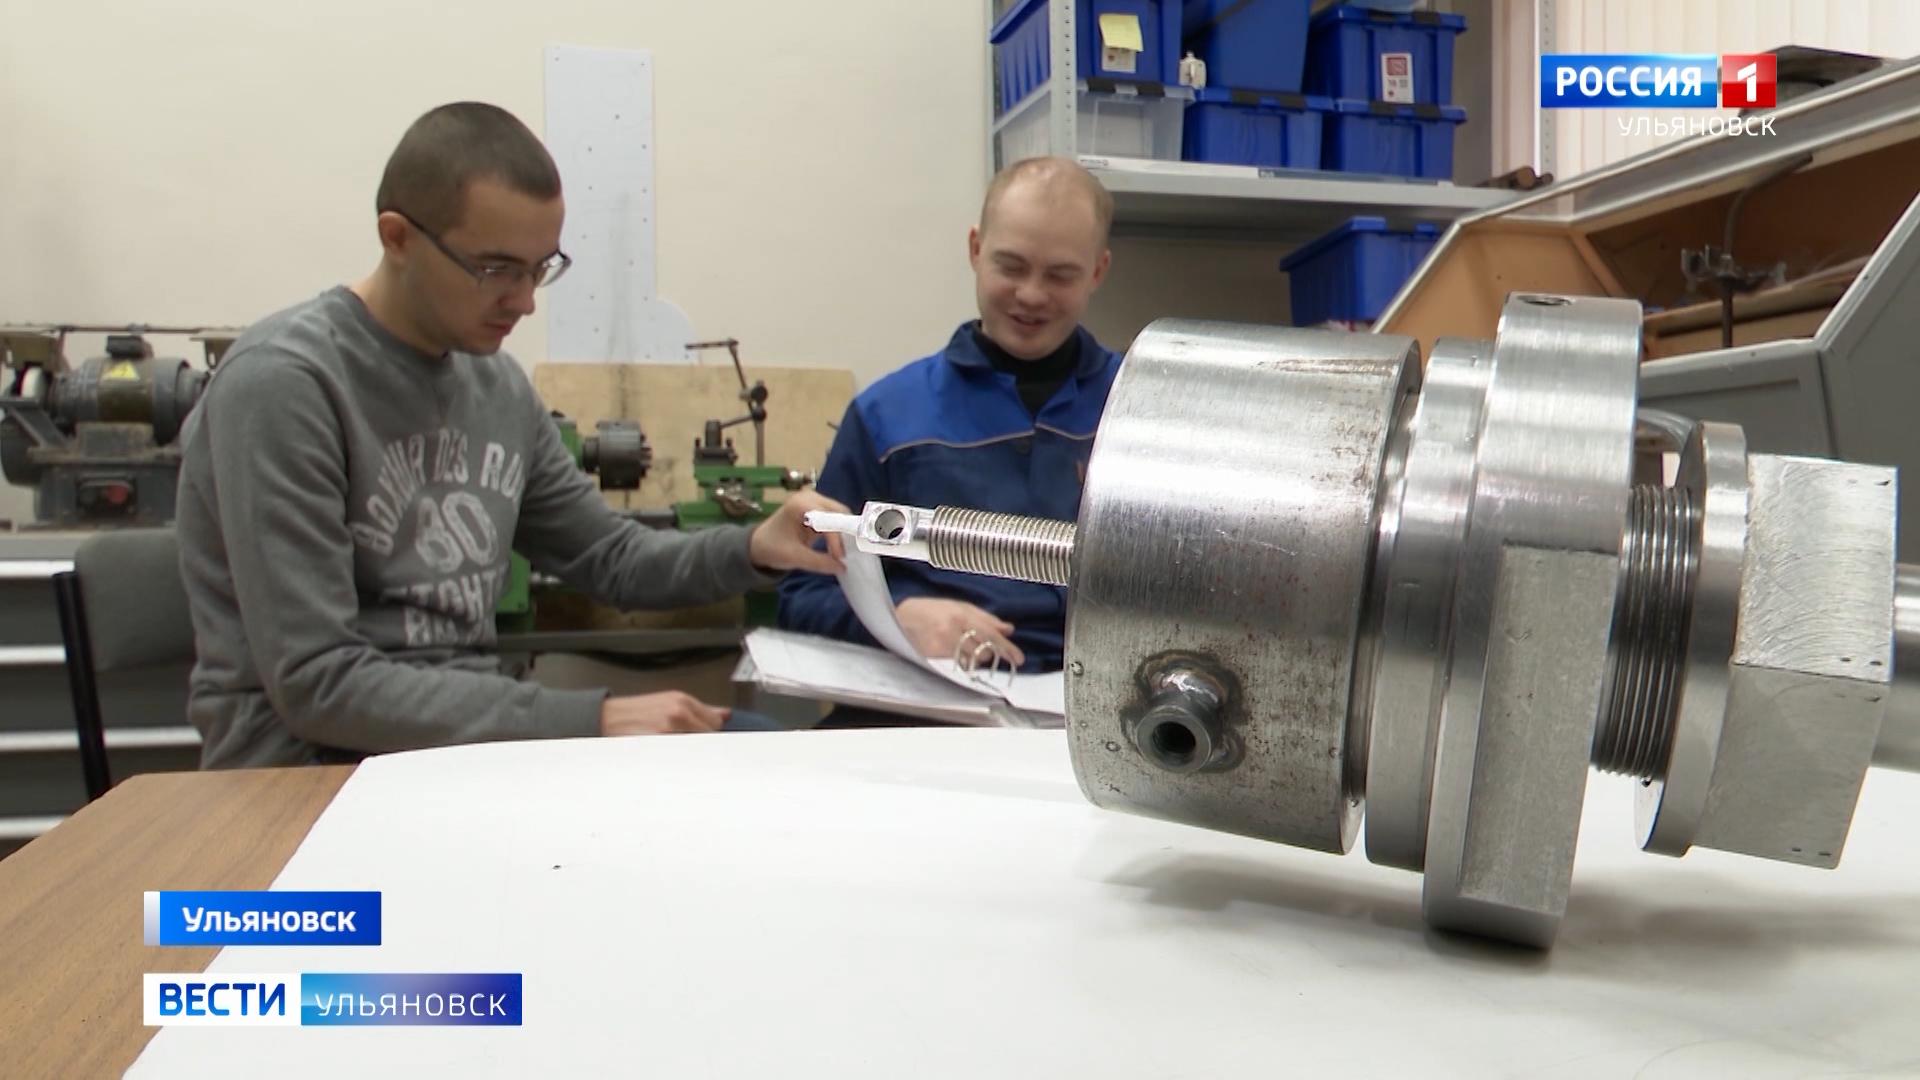 Самовосстанавливающийся ограничитель тока создаёт молодой ученый из УлГТУ